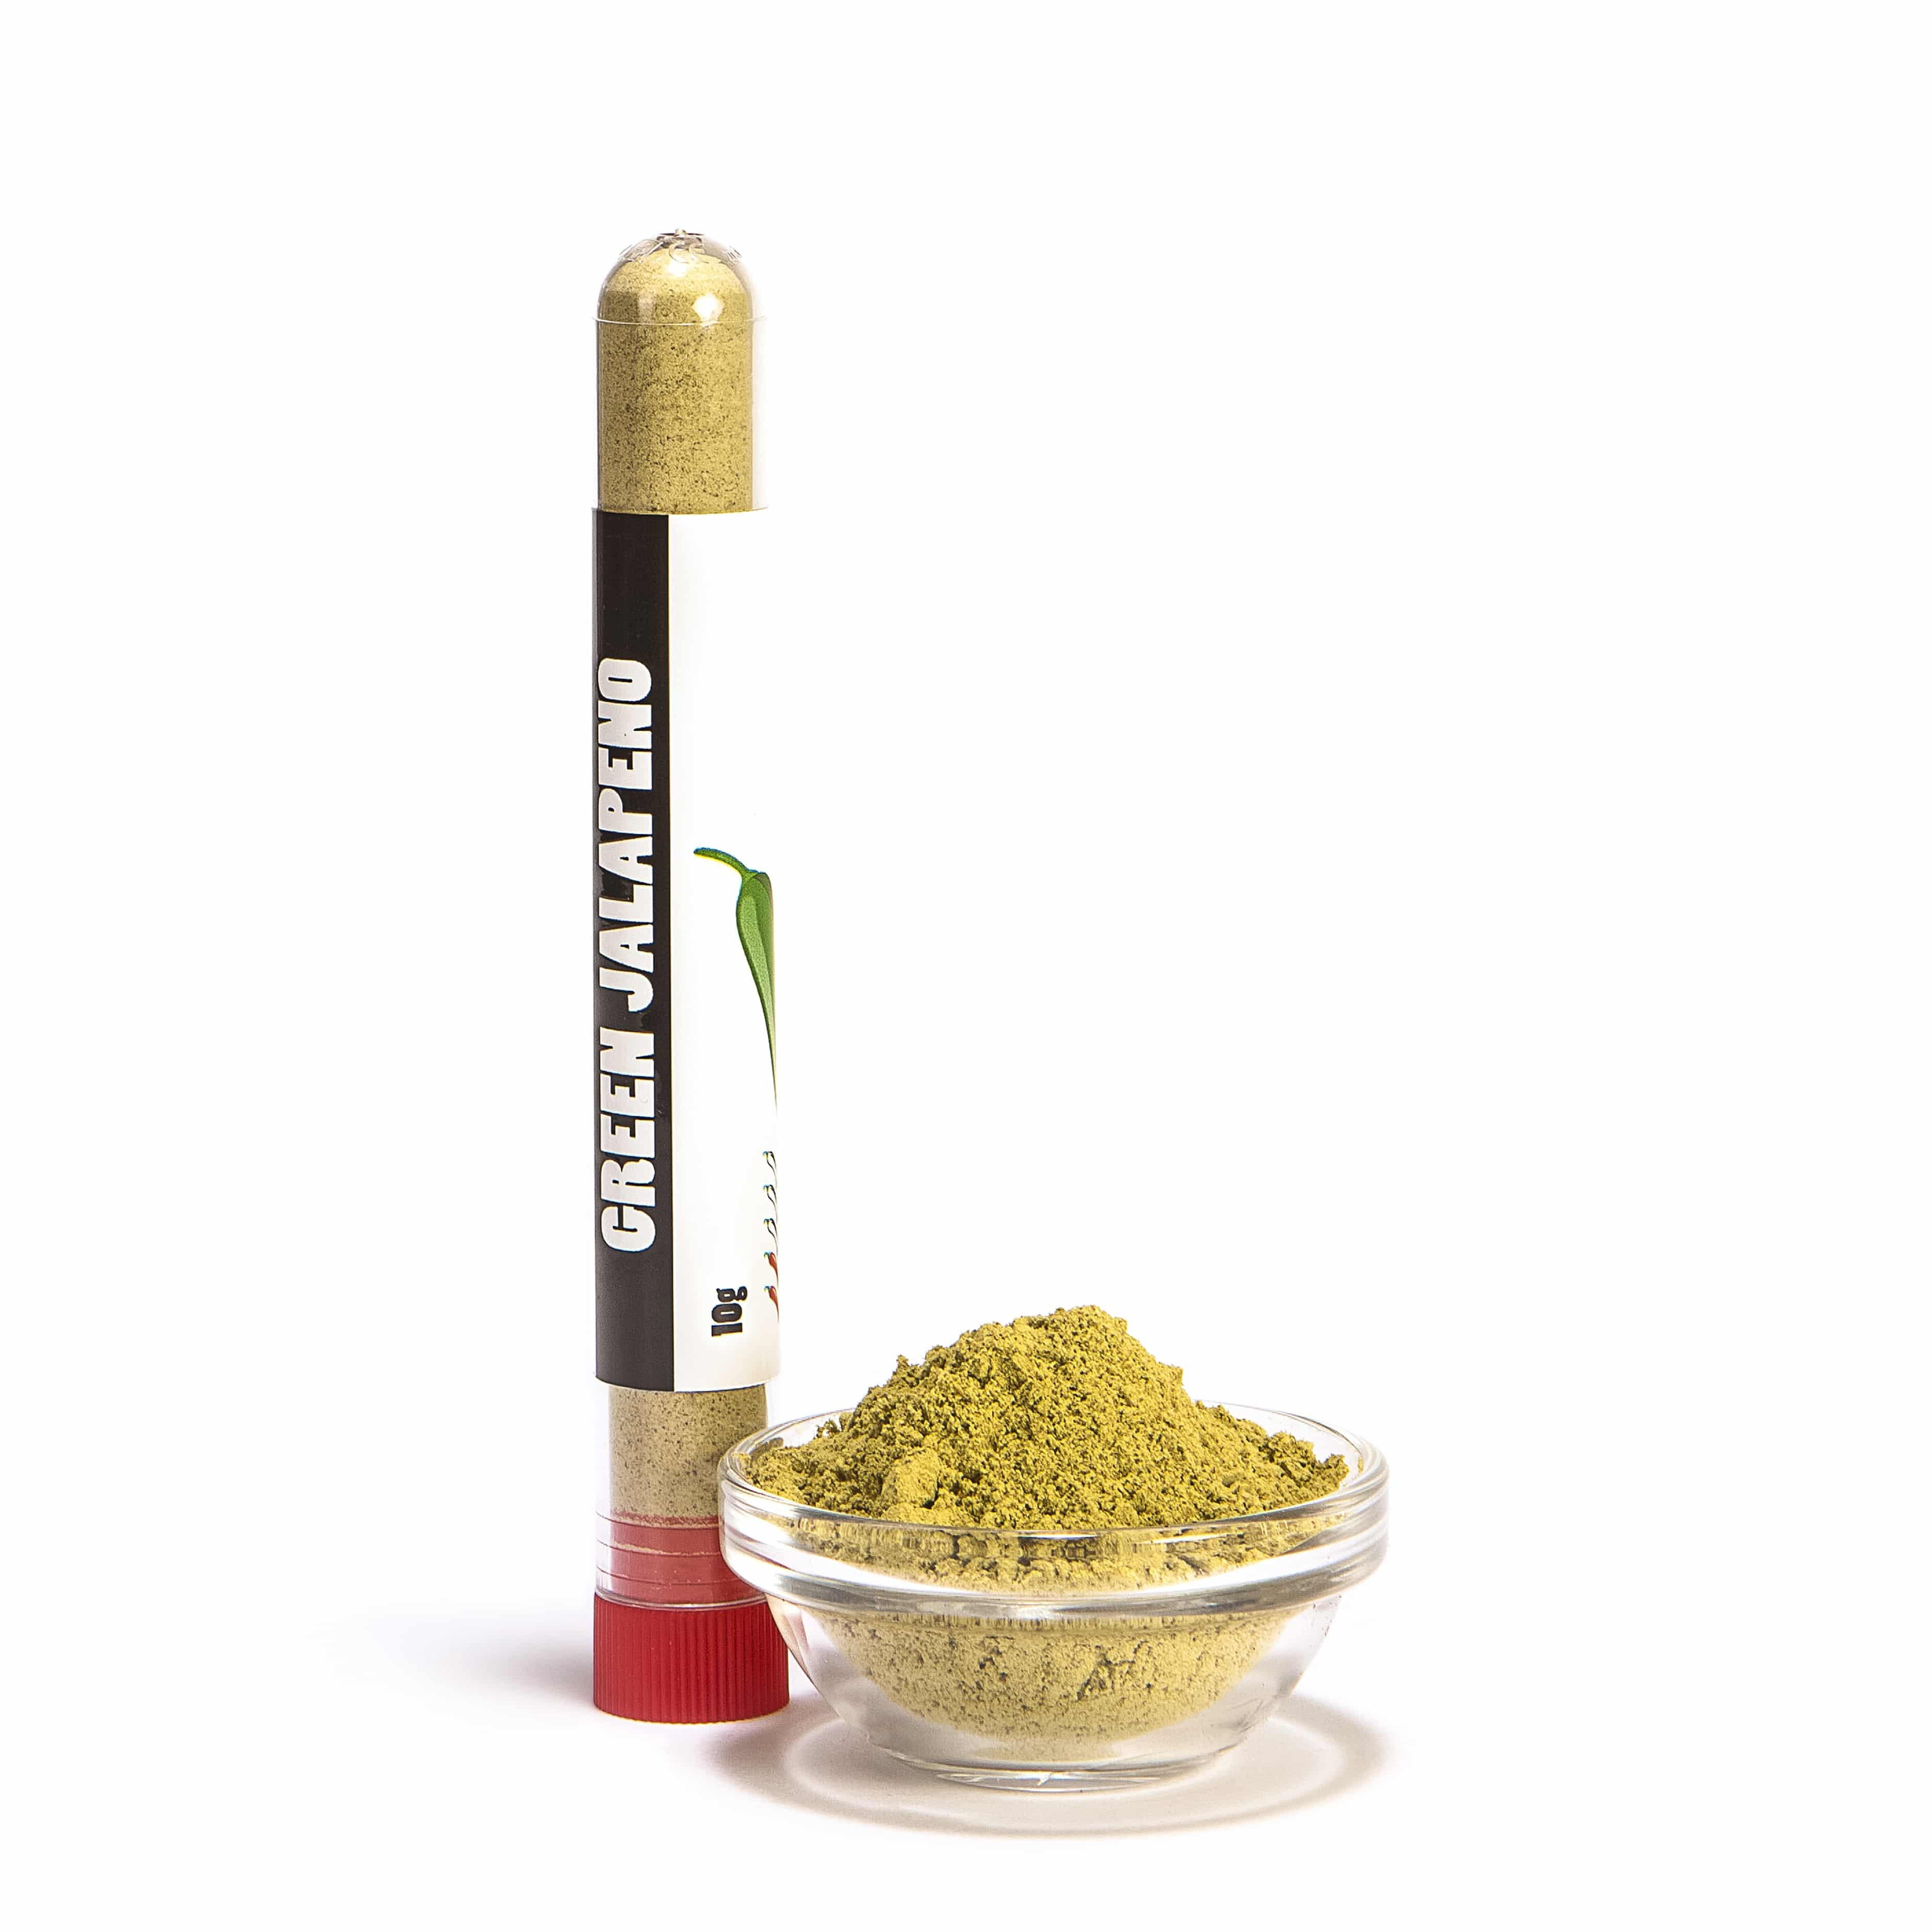 The ChilliDoctor Green Jalapeño prášek 10 g